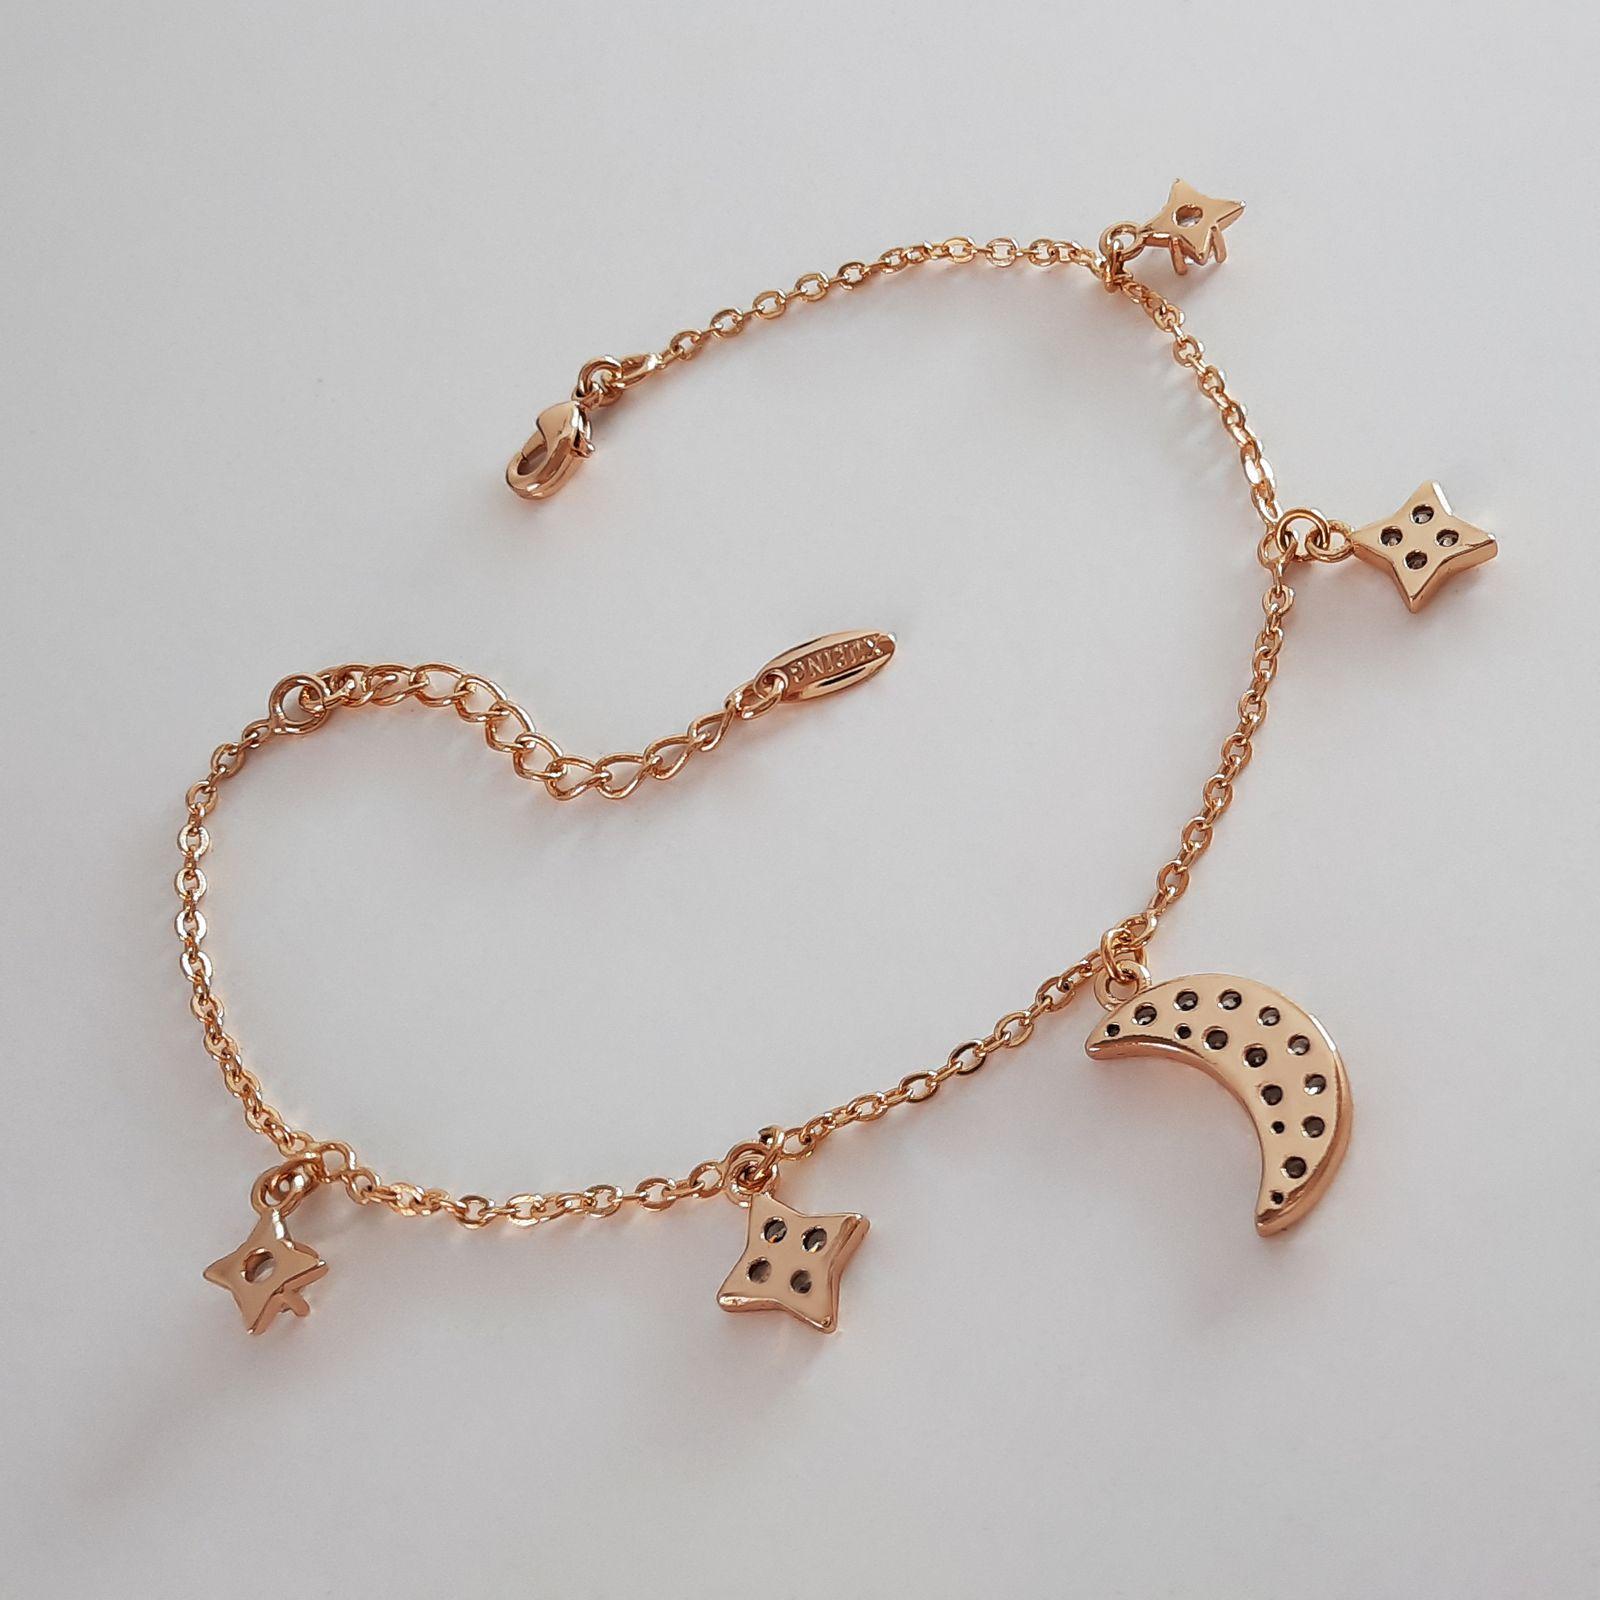 دستبند زنانه ژوپینگ طرح ماه و ستاره کد XP239 -  - 4